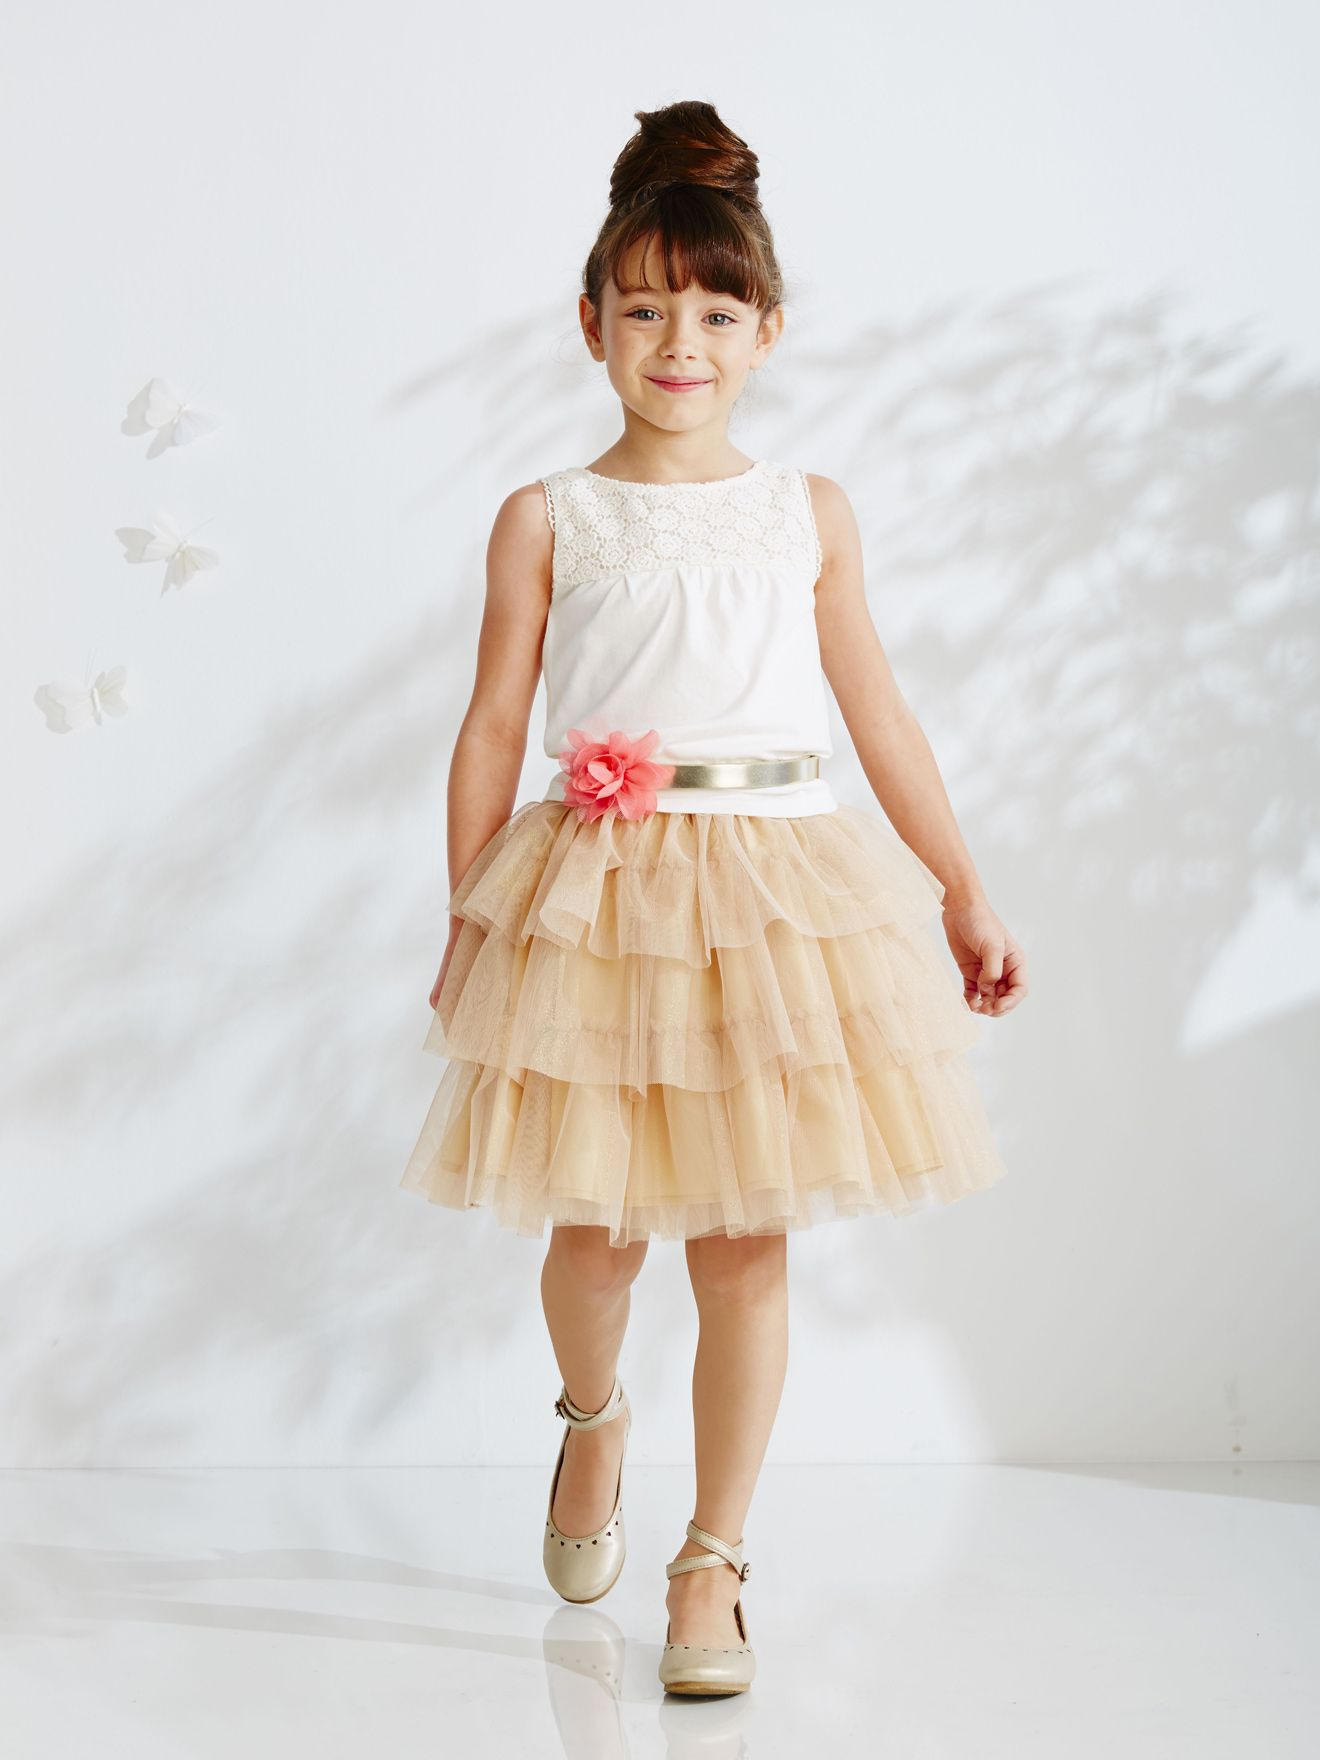 13 Schön Abendkleider Kinder VertriebFormal Schön Abendkleider Kinder Design